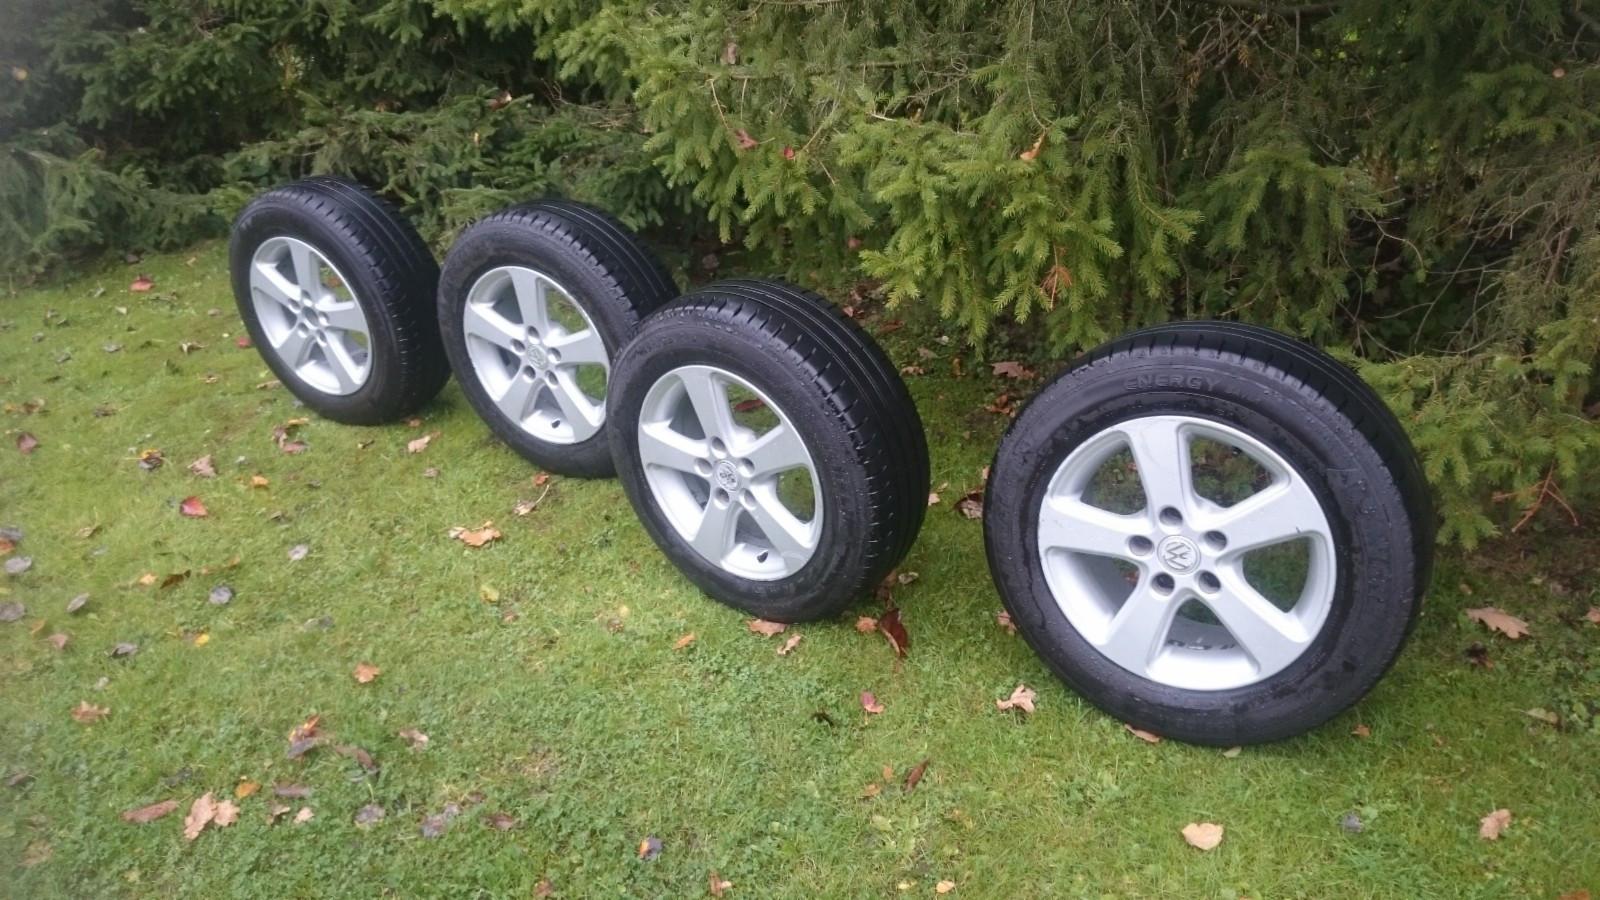 195/65/15 stått på VW passat 2001 - Stokke  - 195/65/15 komplette hjul. Michelin dekk med mye mønster, på 2 dekk 5mm og på 2 4.5 mm igjen. 5x112 ø57.1  Passer VW Audi og flere biler. - Stokke